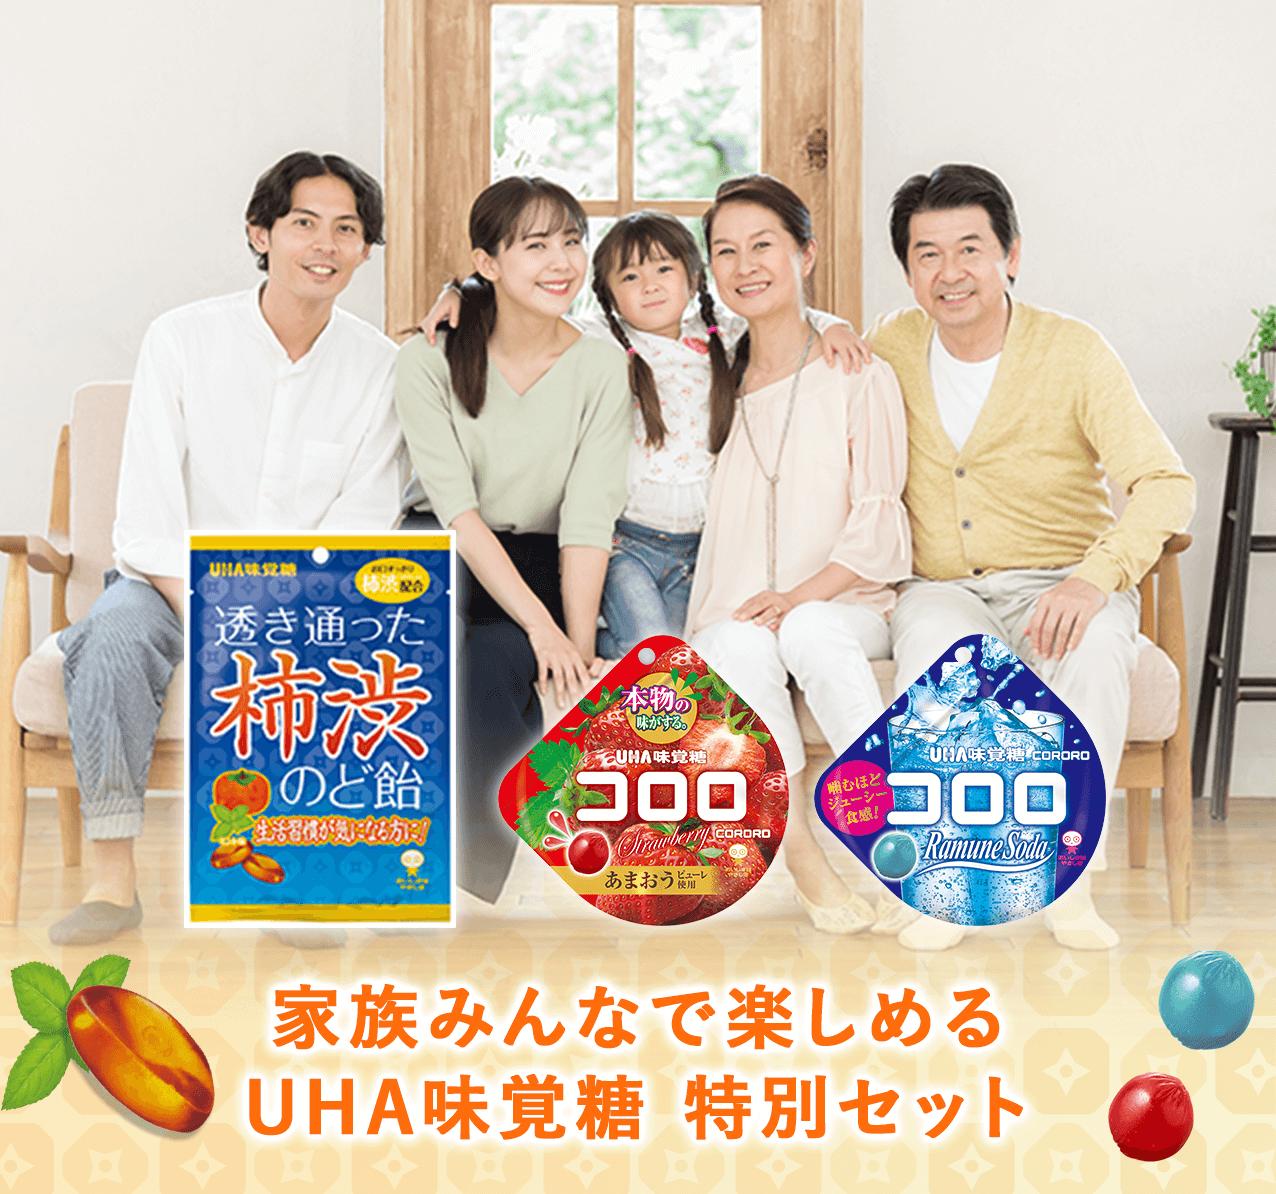 家族みんなで楽しめる UHA味覚糖 特別セット